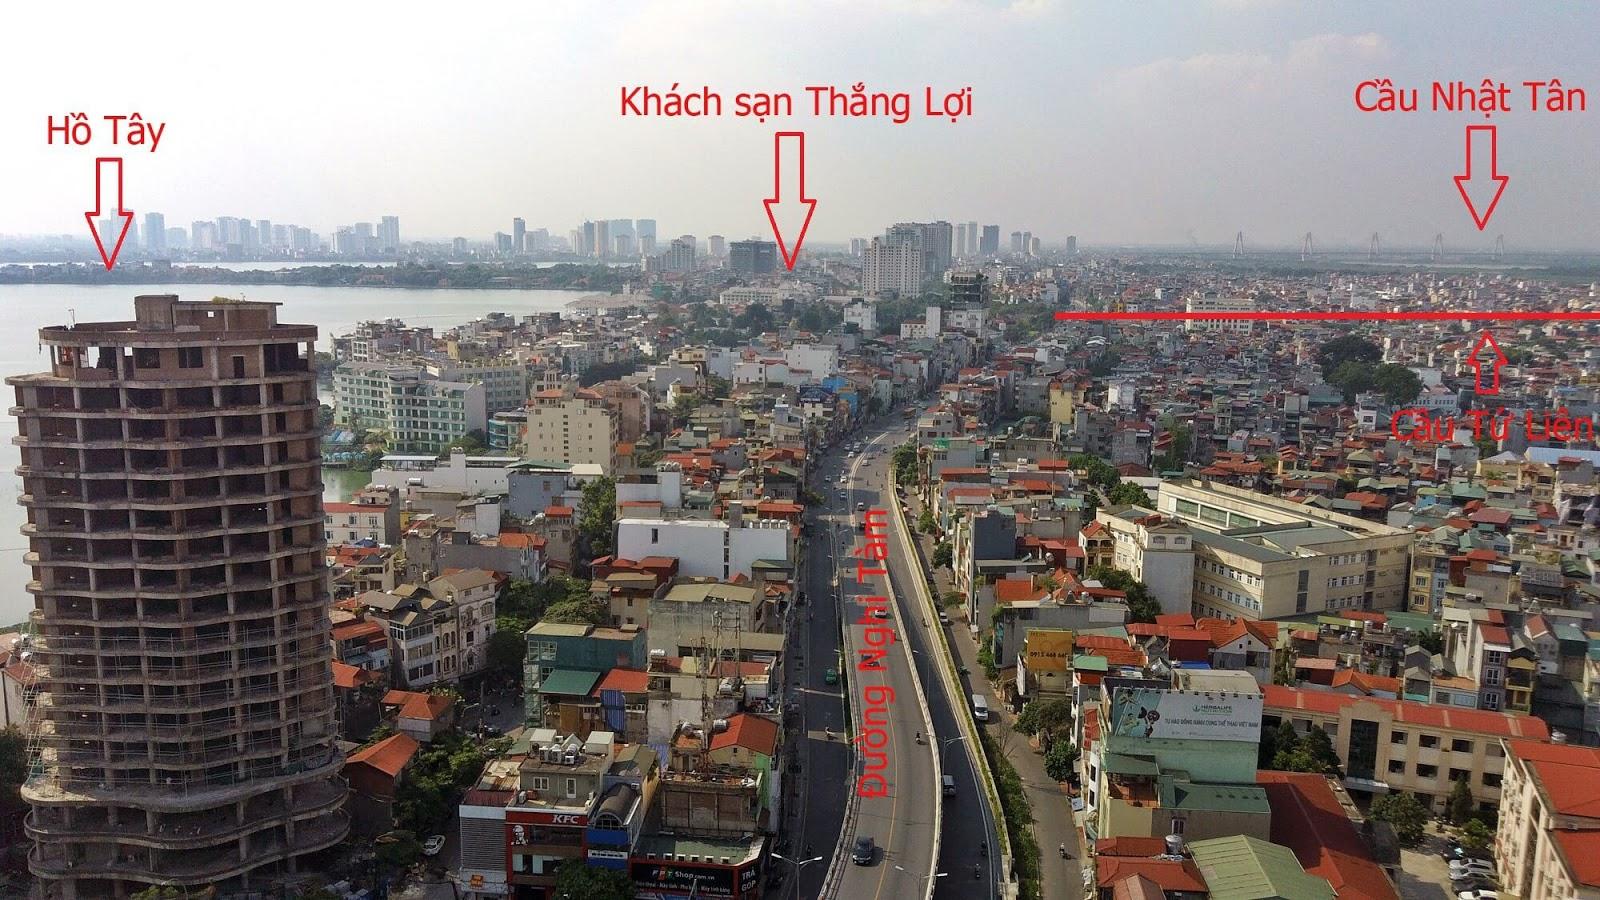 Khu vực đường Nghi Tàm chân cầu Tú Liên phía Tây Hồ.